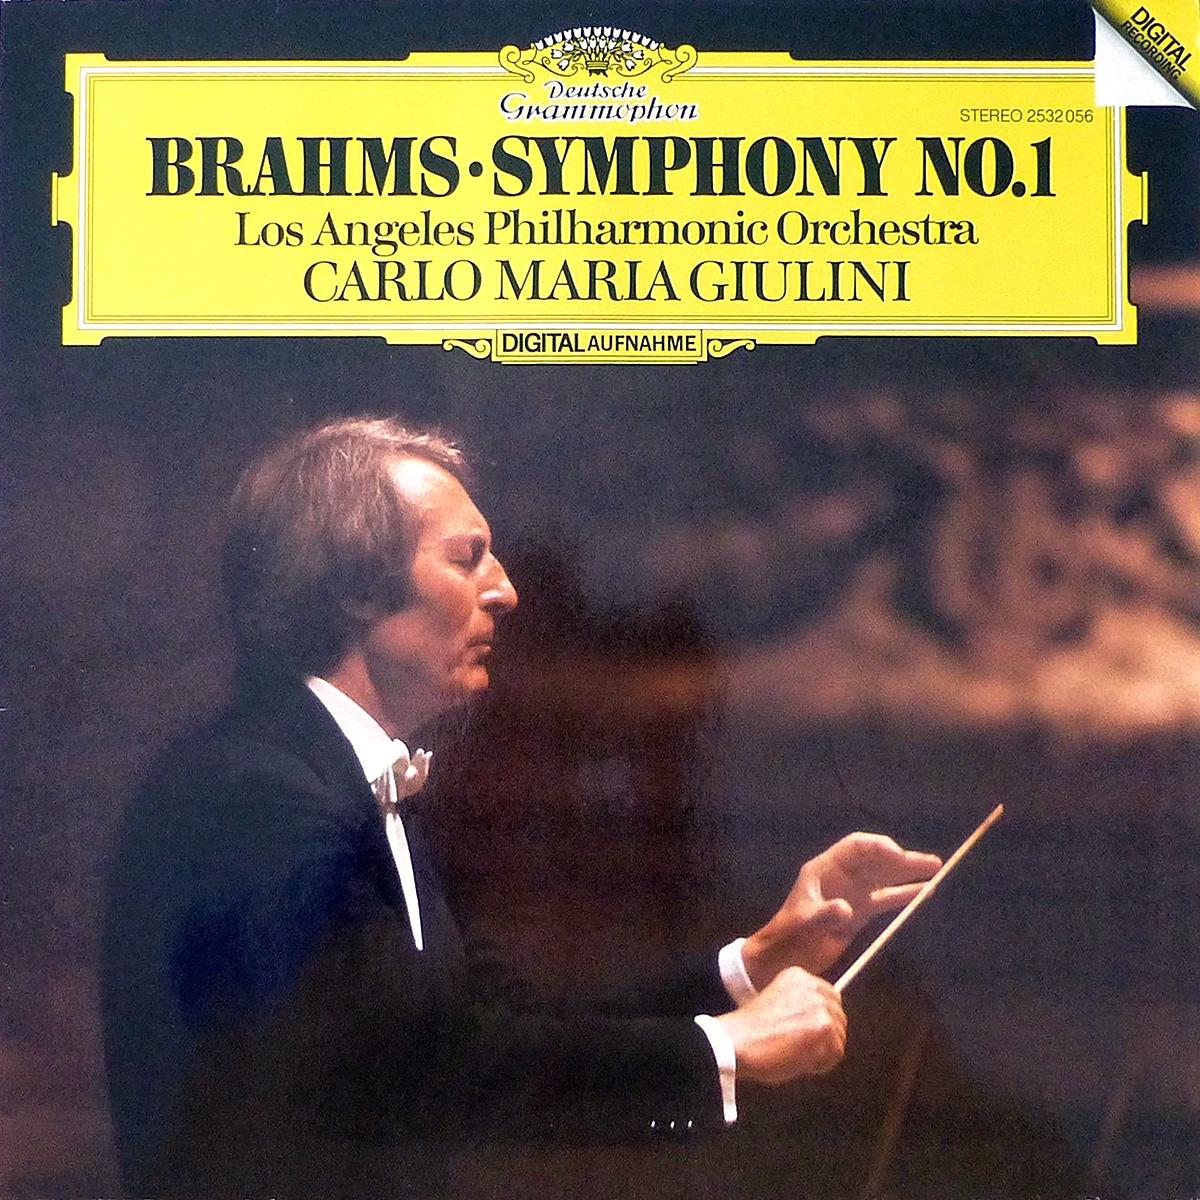 DGG 2532056 Brahms Symphonie 1 Abbado